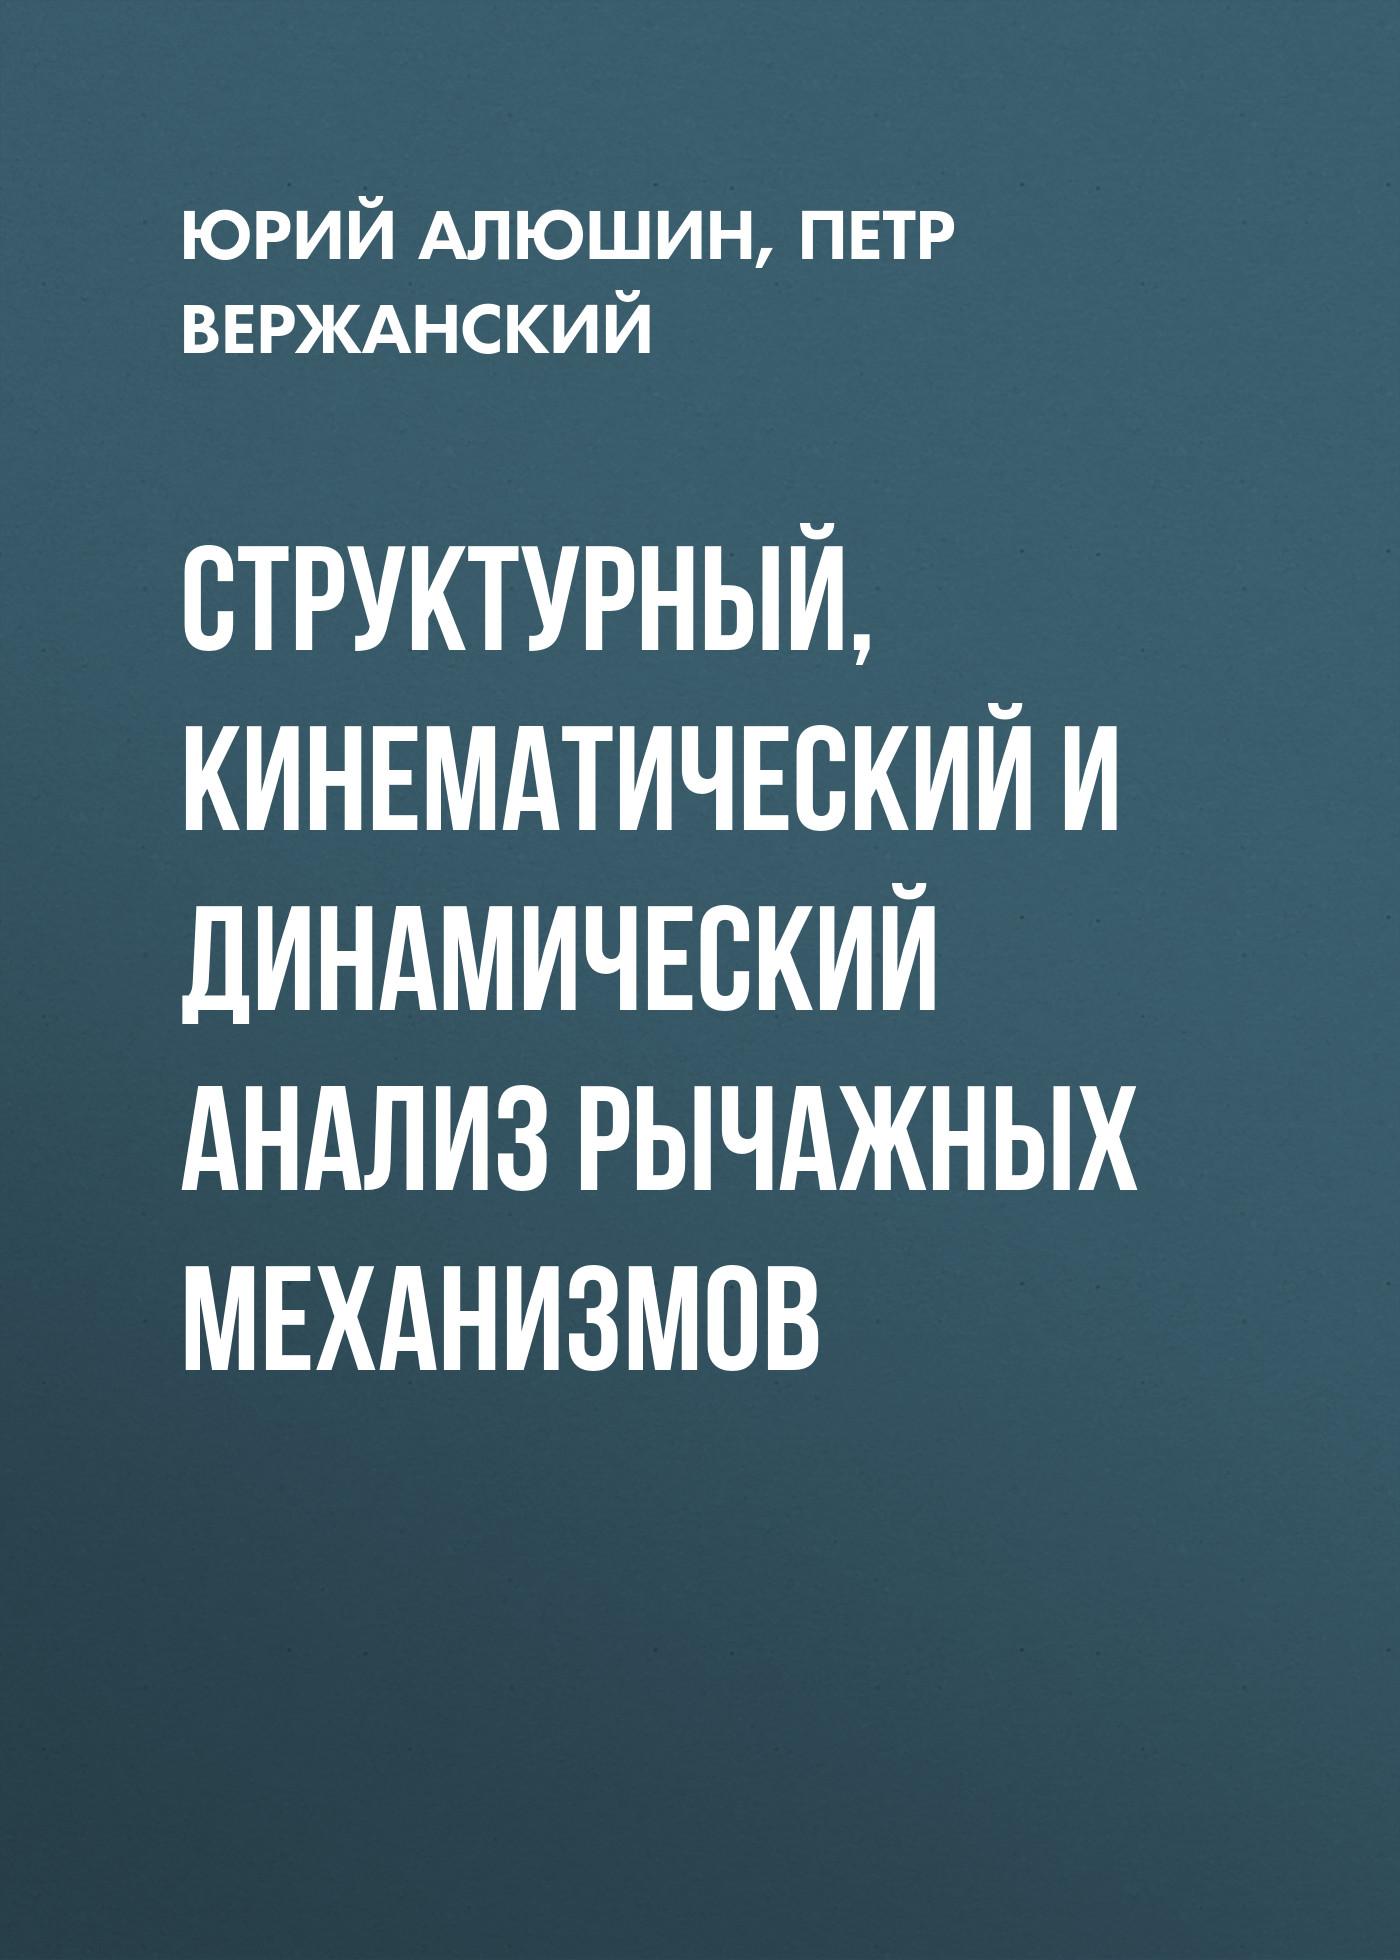 П. М. Вержанский Структурный, кинематический и динамический анализ рычажных механизмов борис юдин теория механизмов и машин часть 1 структурный и кинематический анализ рычажных механизмов